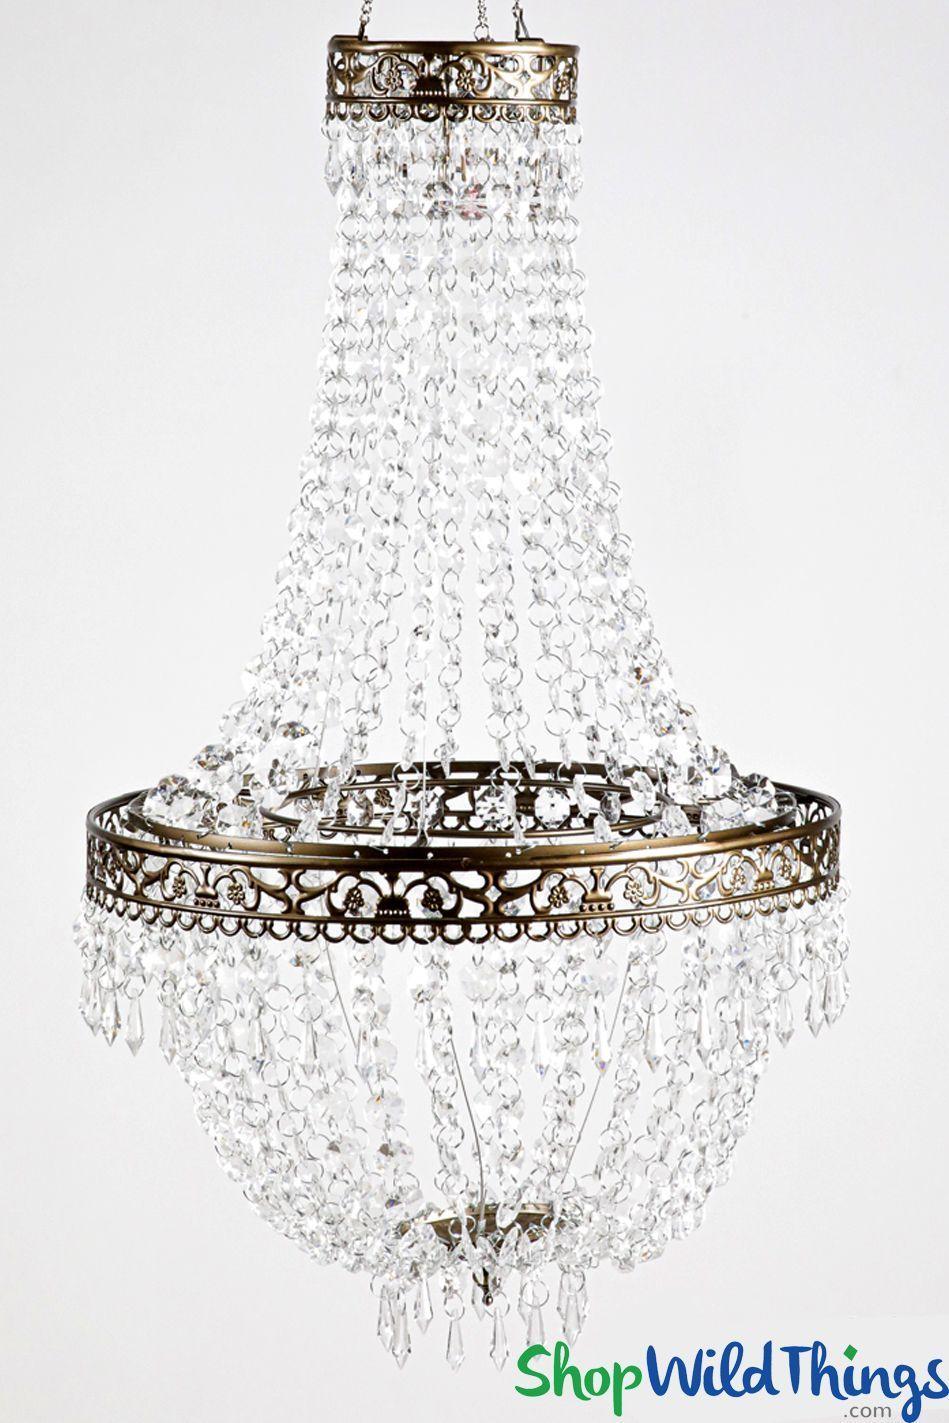 Chandelier Tillie Medium 14 W X 26 L Acrylic Crystal Beads